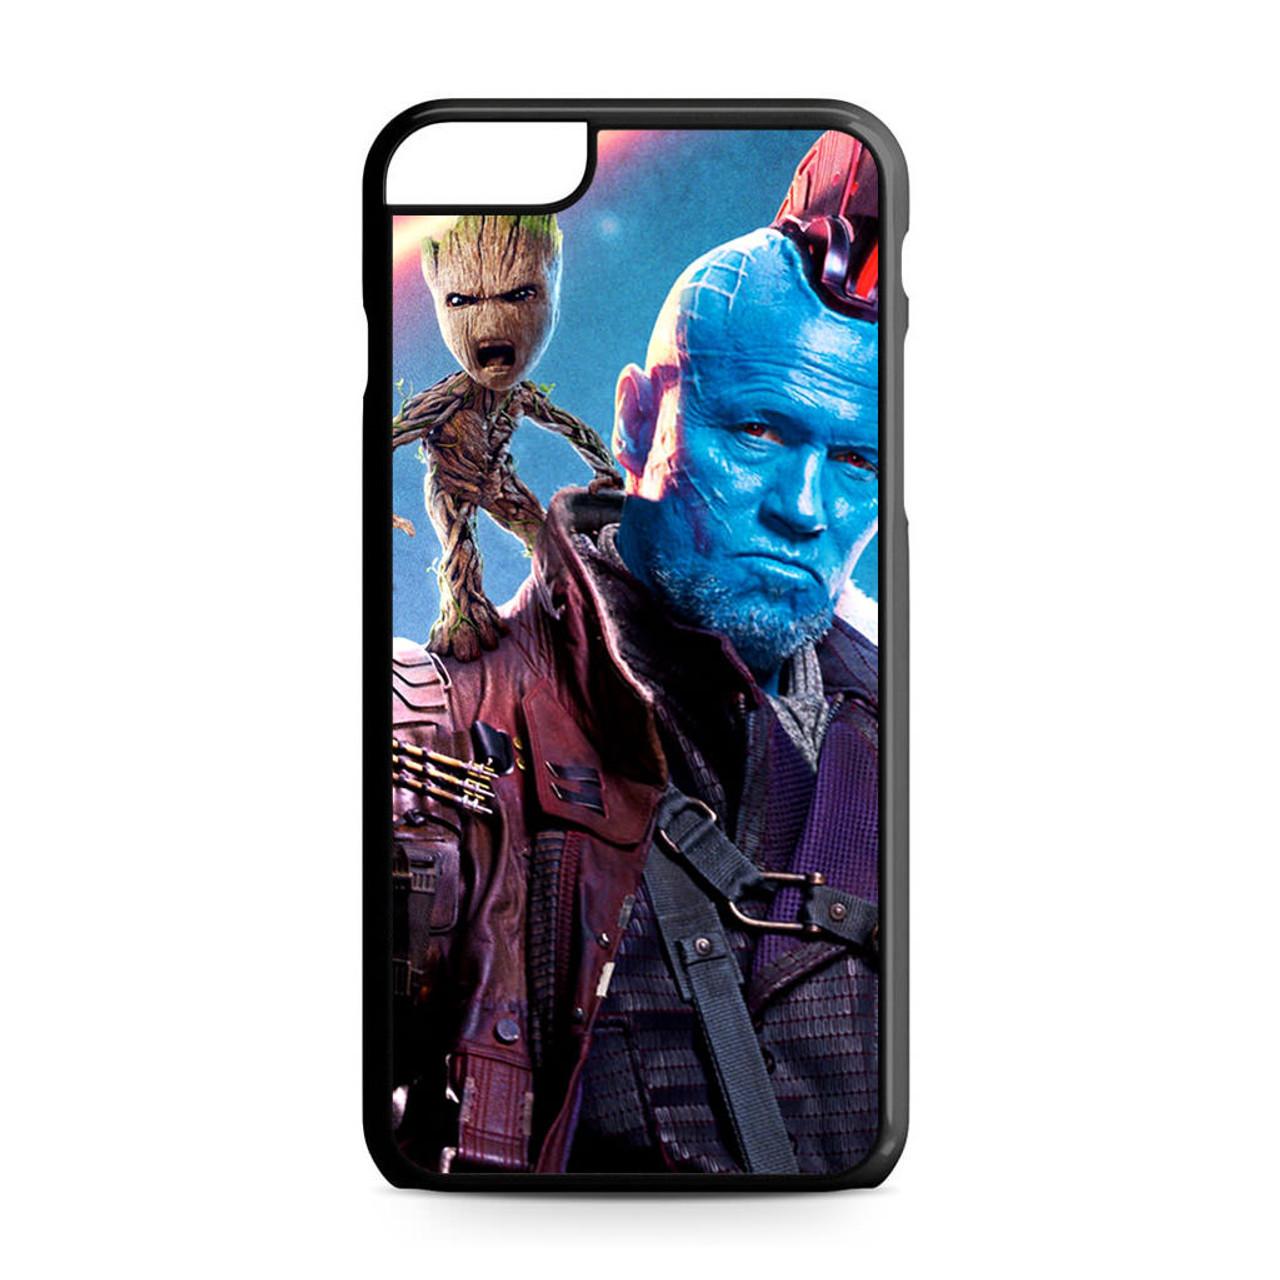 iphone 6 case baby